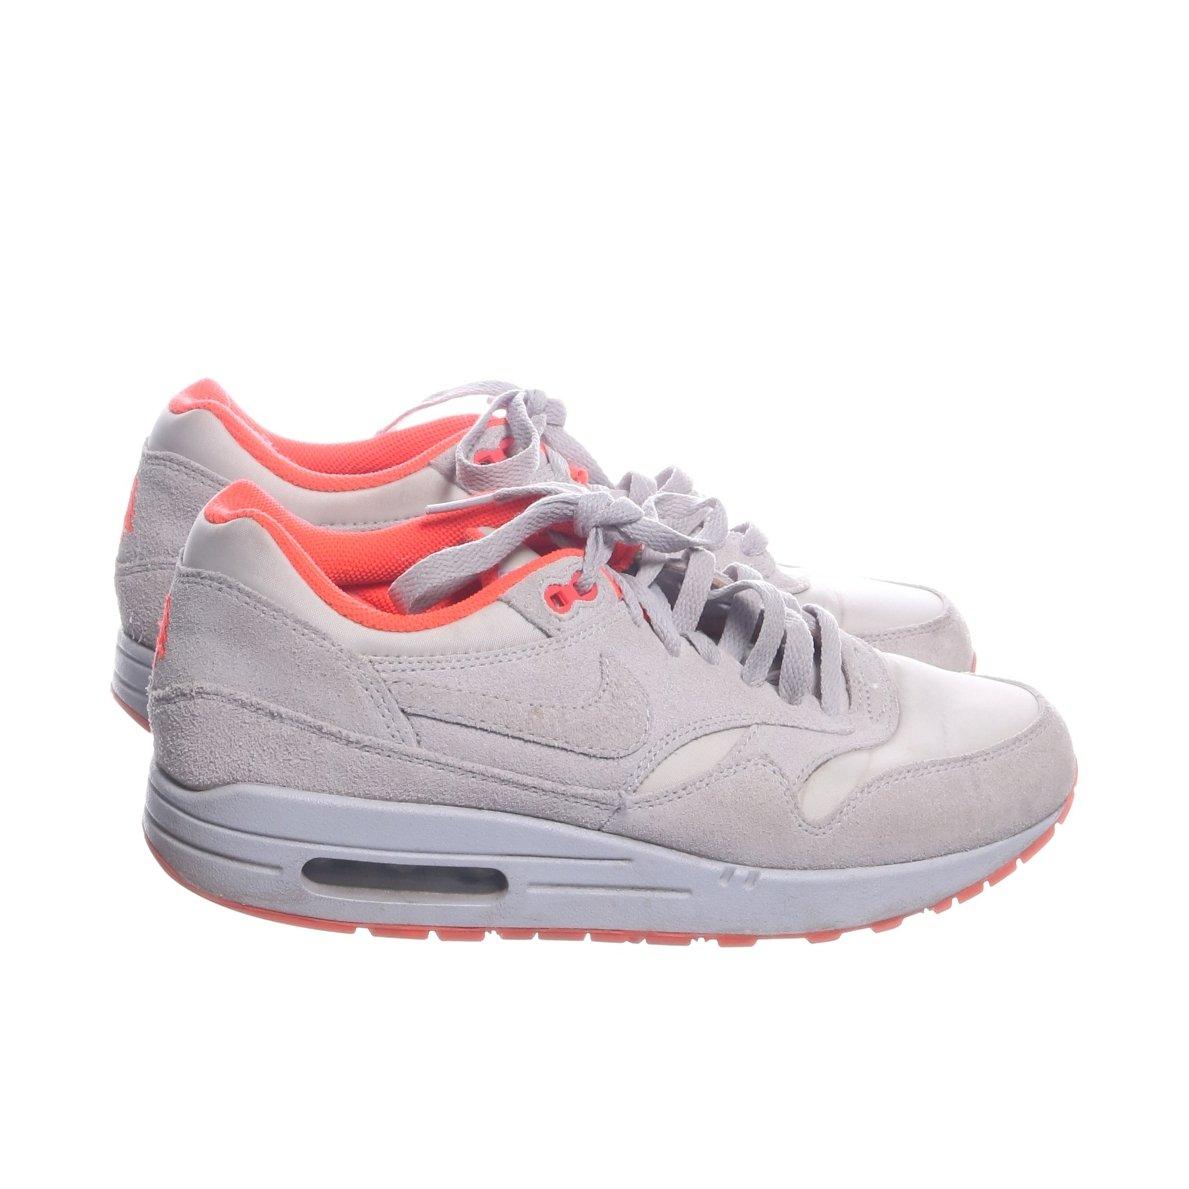 reputable site 0f566 10414 Nike Air Max, Sneakers, Strl  40, Beige Orange